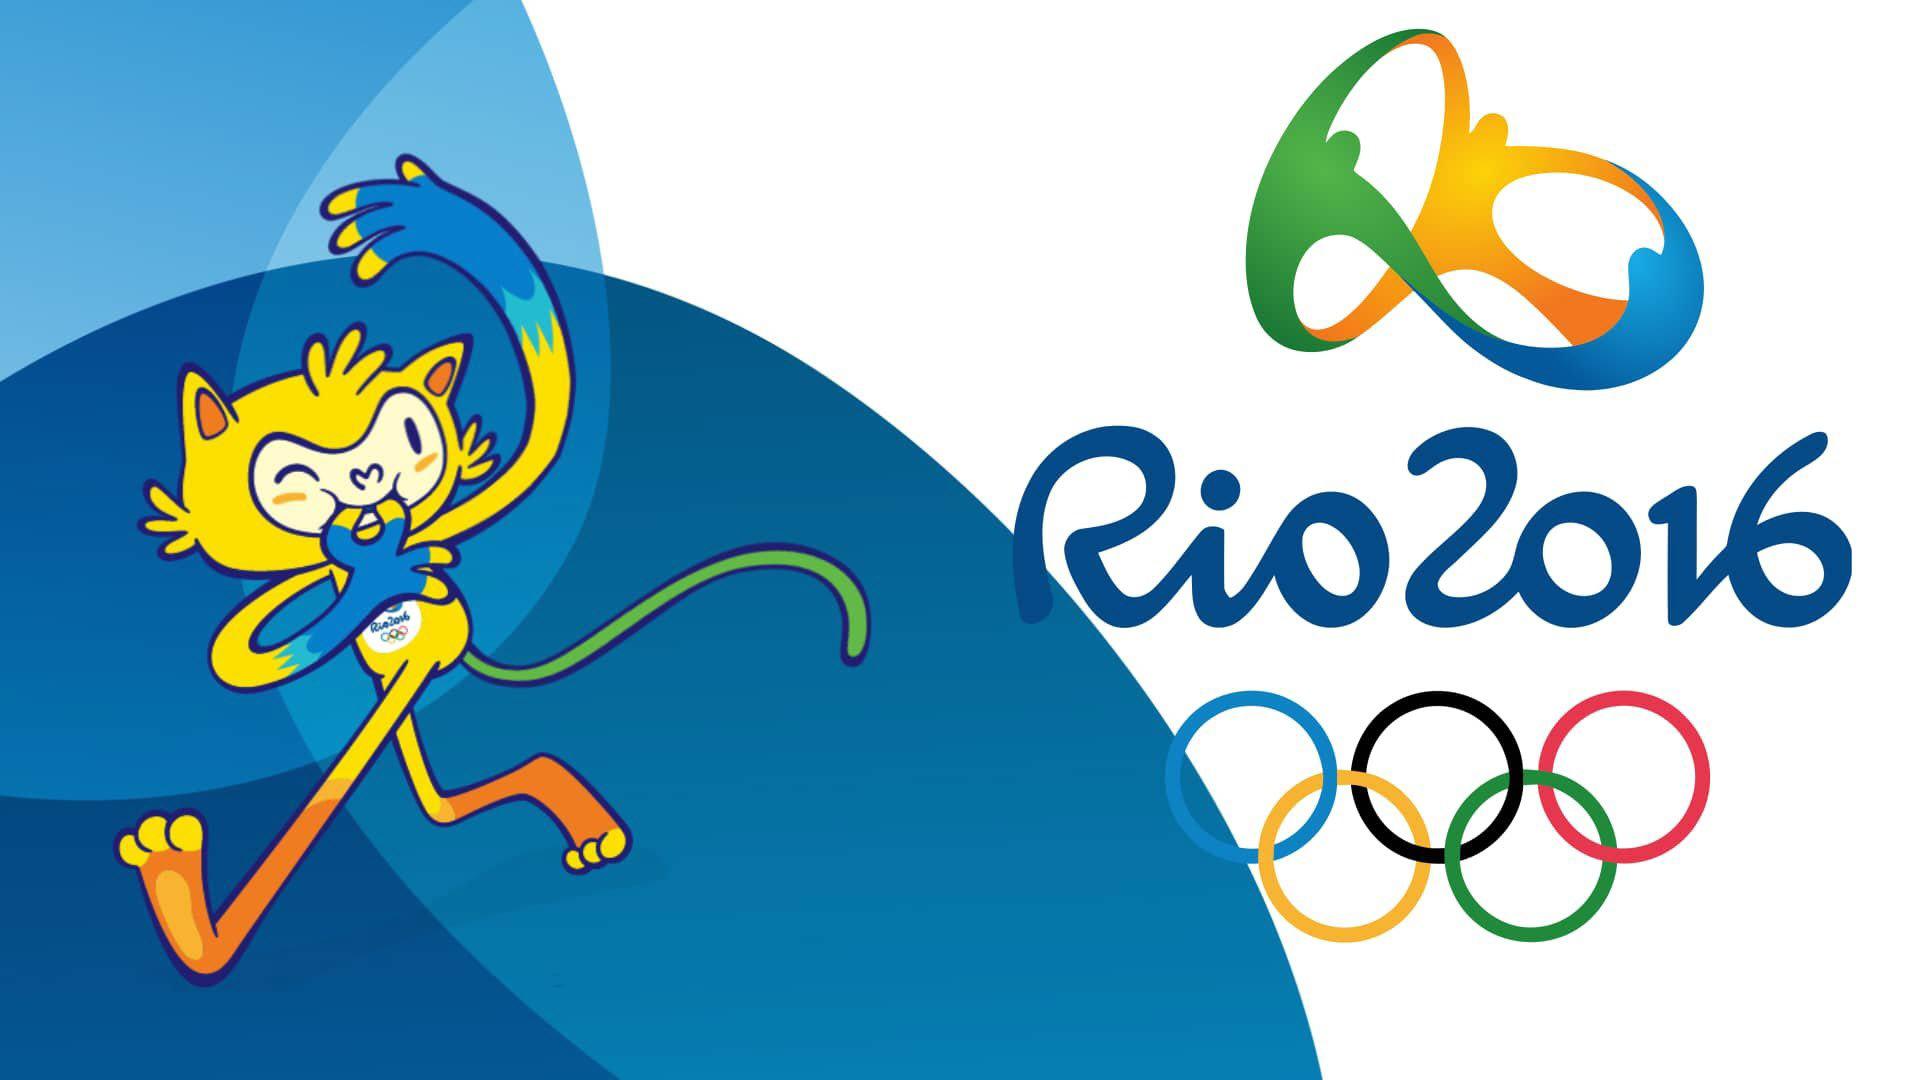 Las grandes estrellas de los Juegos Olímpicos de Río